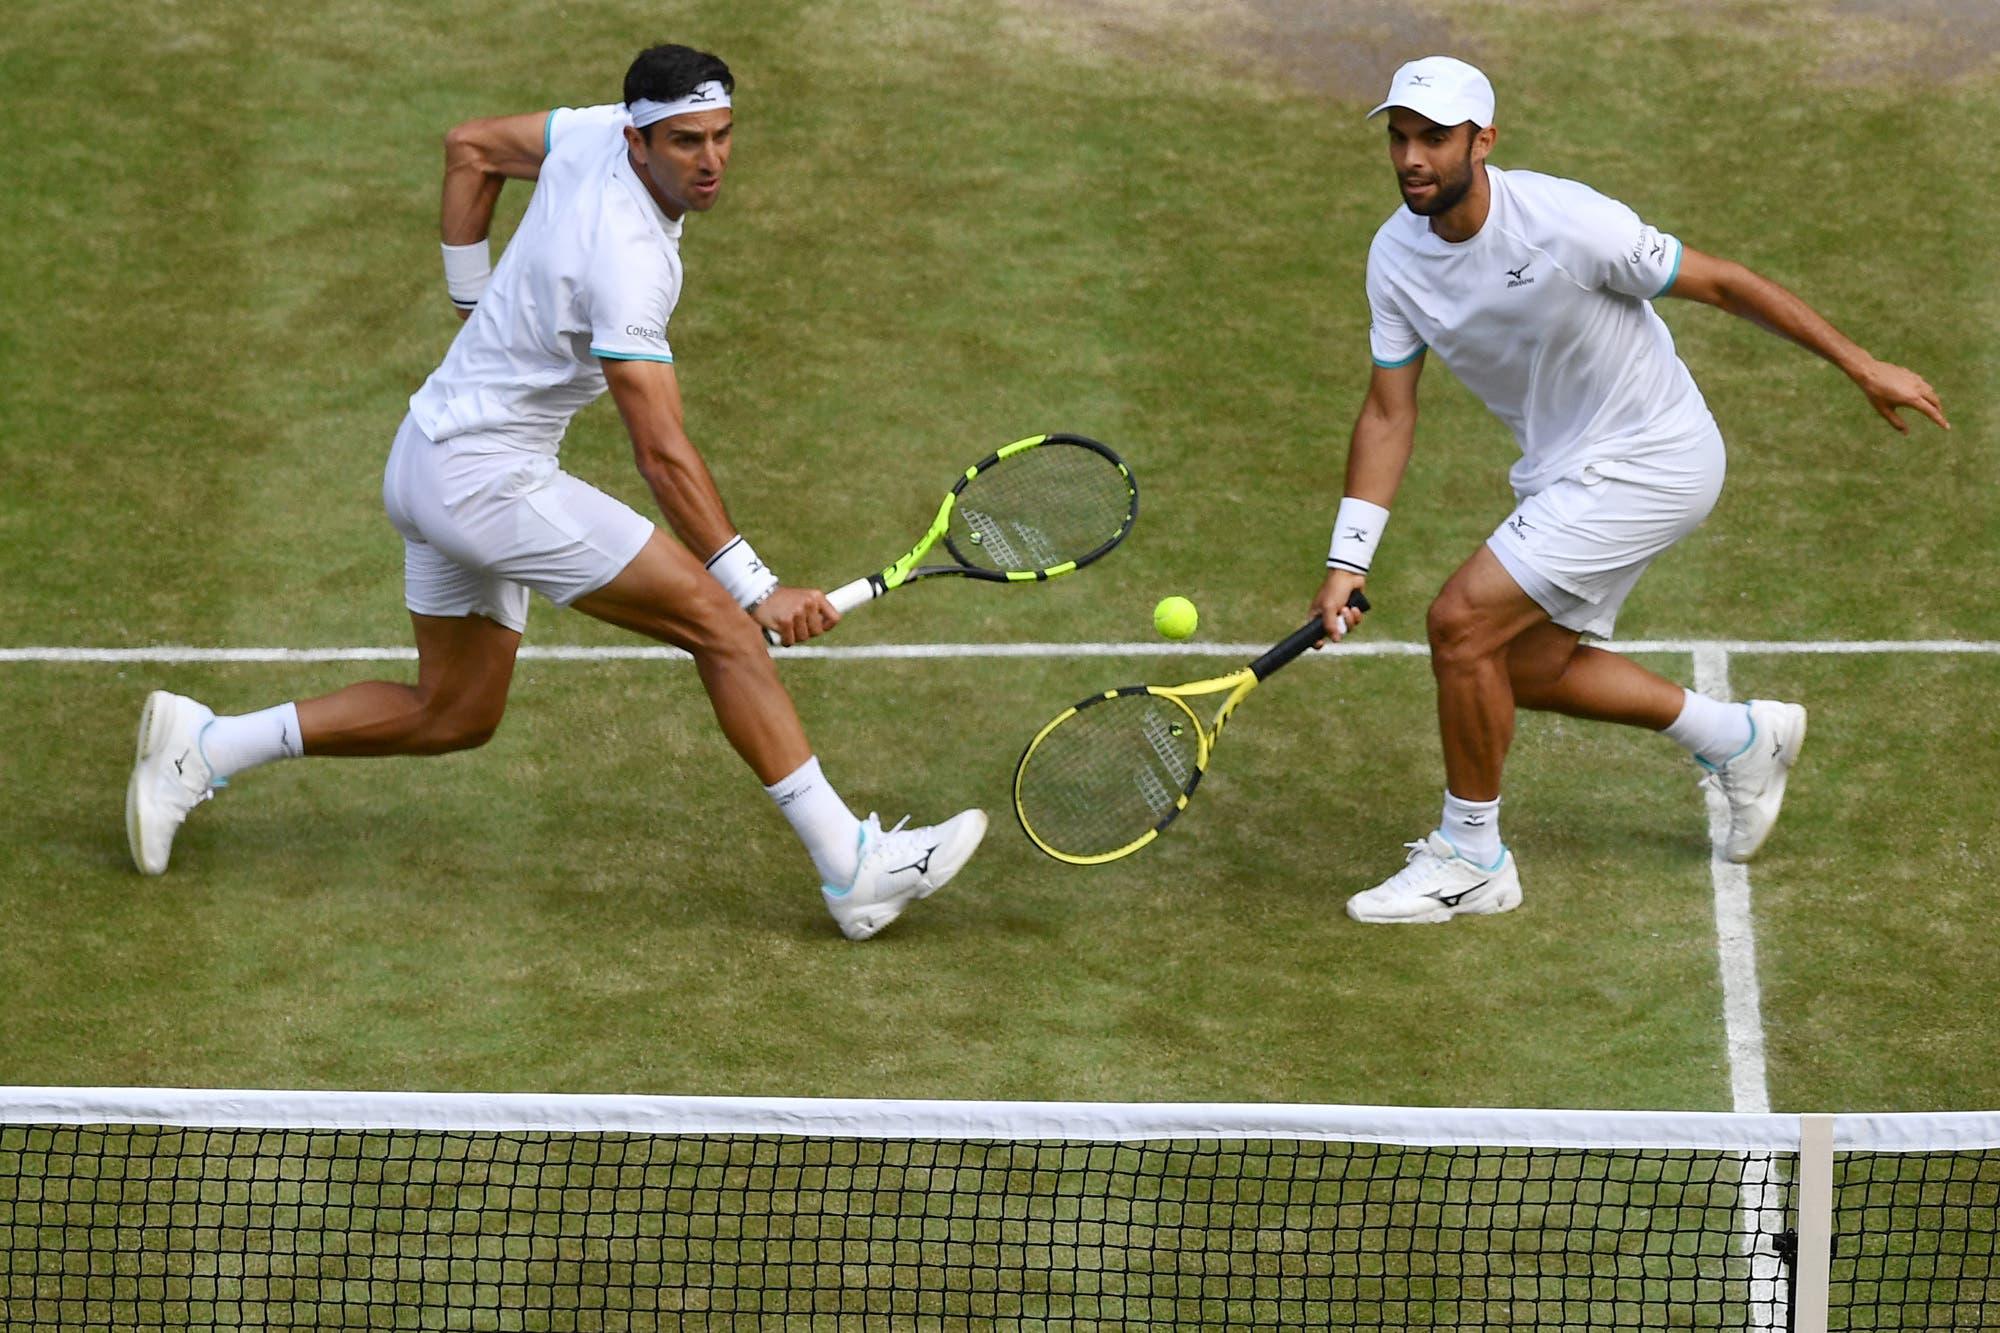 Arreglos y apuestas en el tenis: qué opinan los colombianos Cabal y Farah, los mejores doblistas del mundo